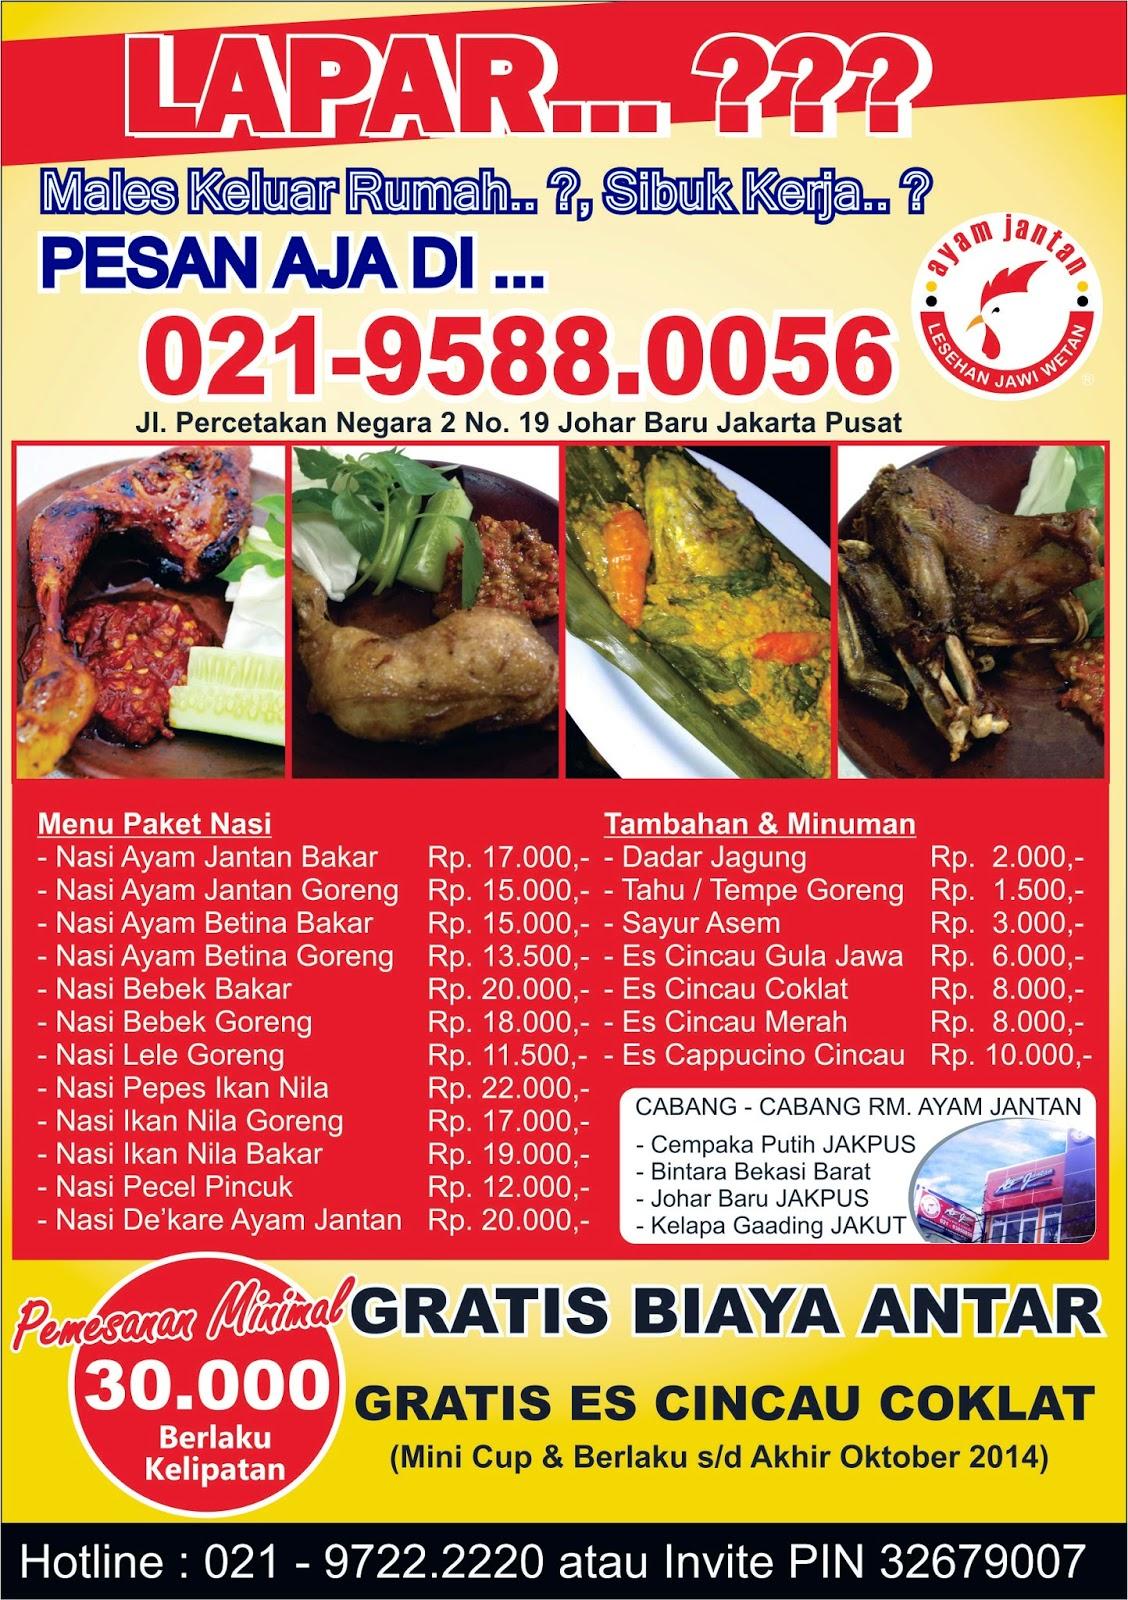 Lesehan Ayam Jantan: Makanan Kirim Antar (Delivery) Berhadiah